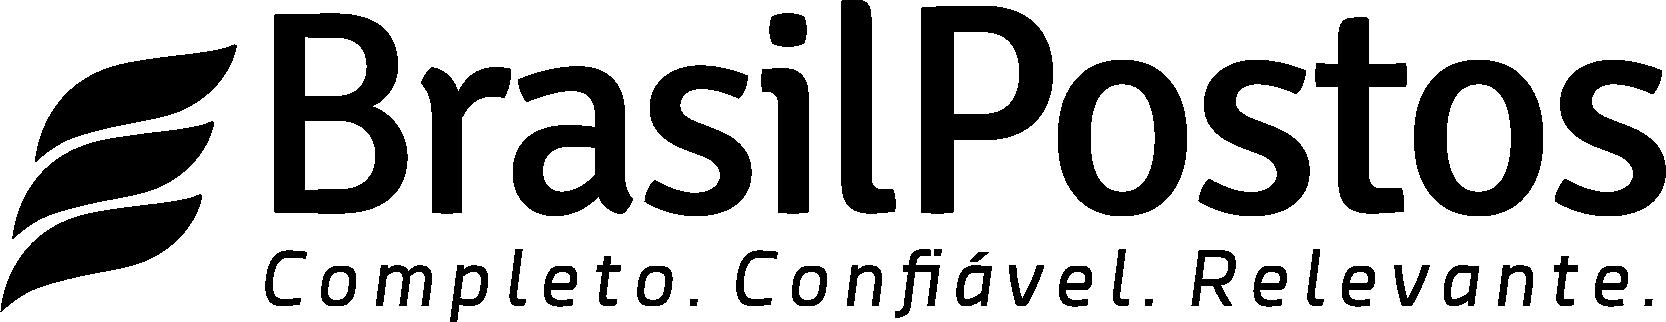 %24syfm5kk18vcf4j7l